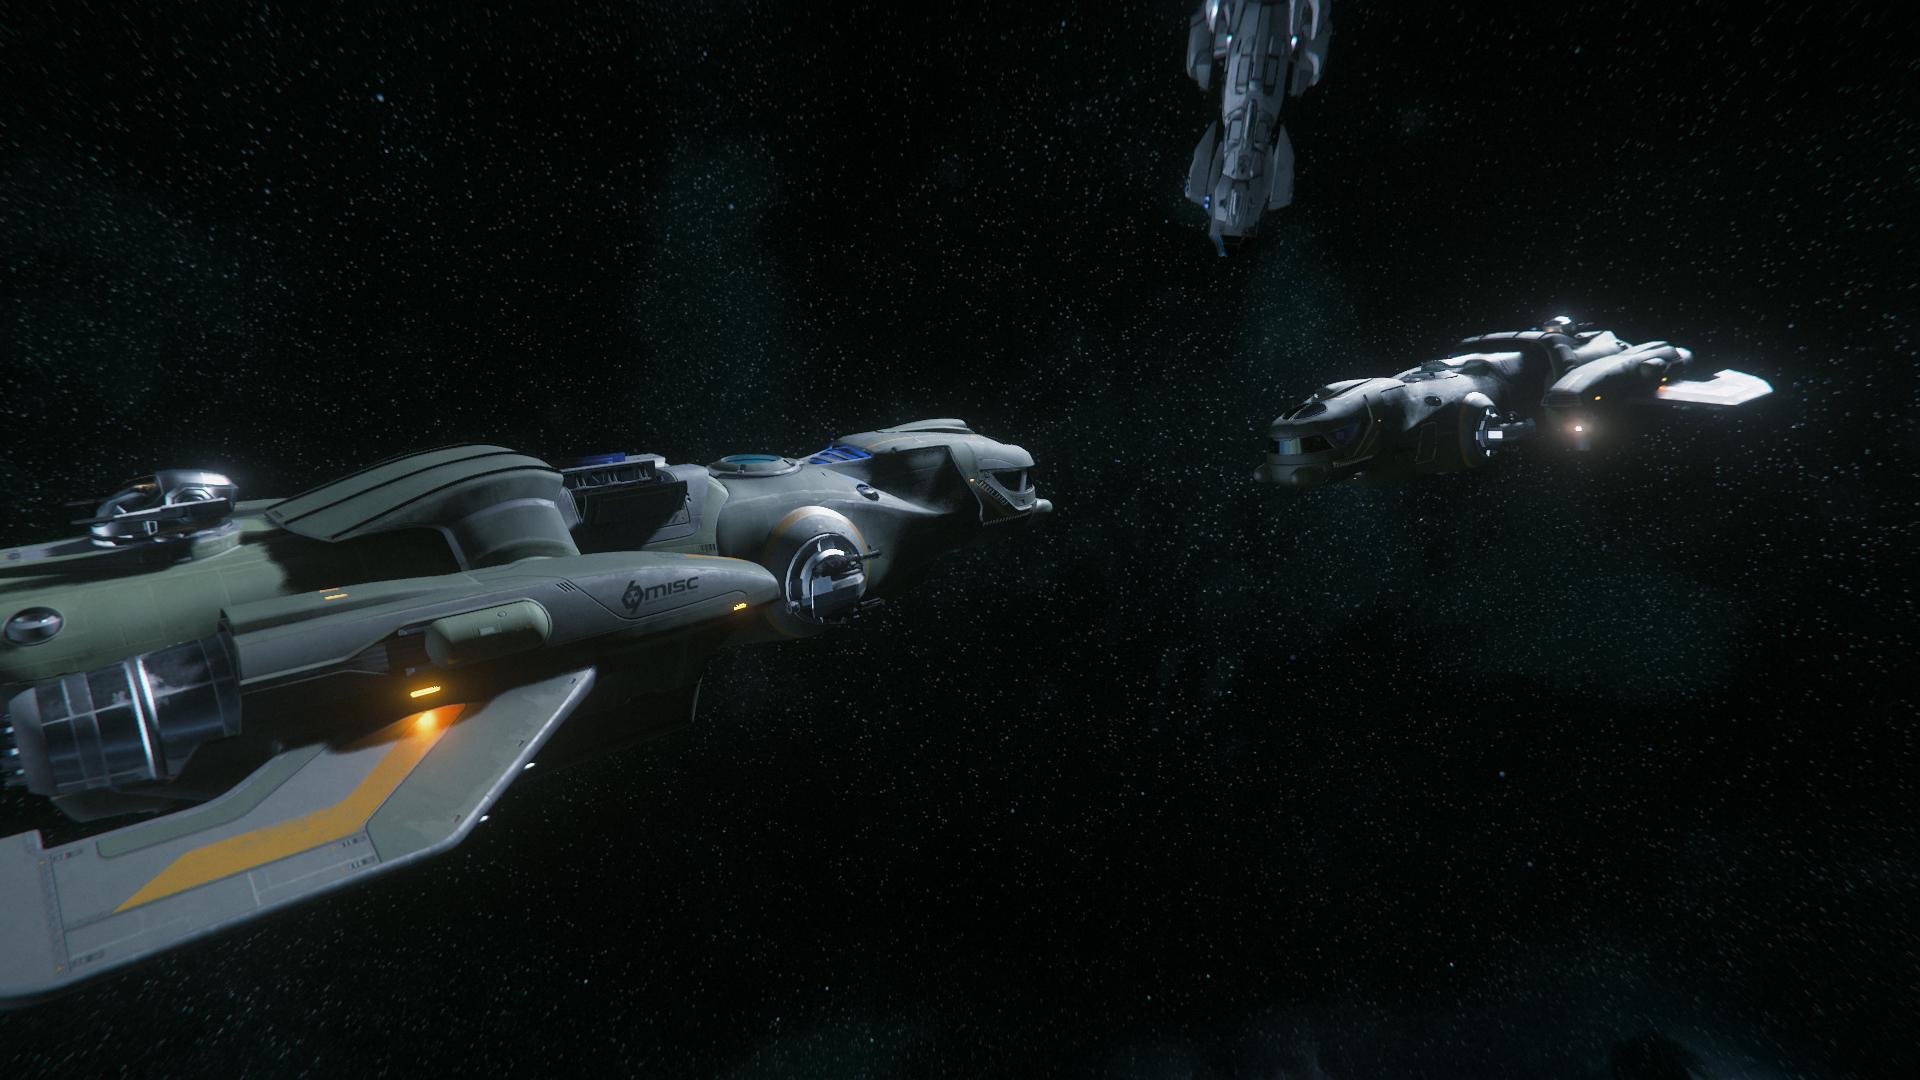 Squadron 42 - Star Citizen Screenshot 2019.12.27 - 21.24.10.39